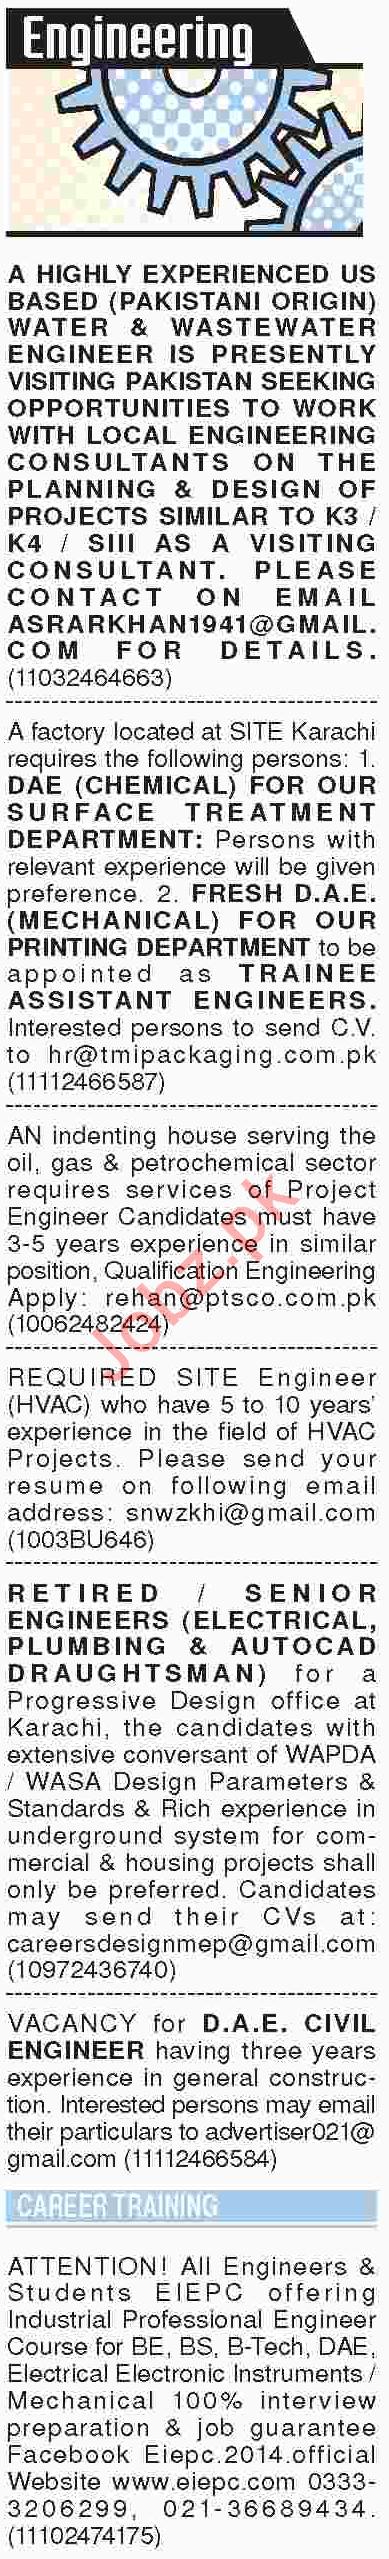 Civil Engineer, Mechanical Engineer & Engineers Jobs 2018